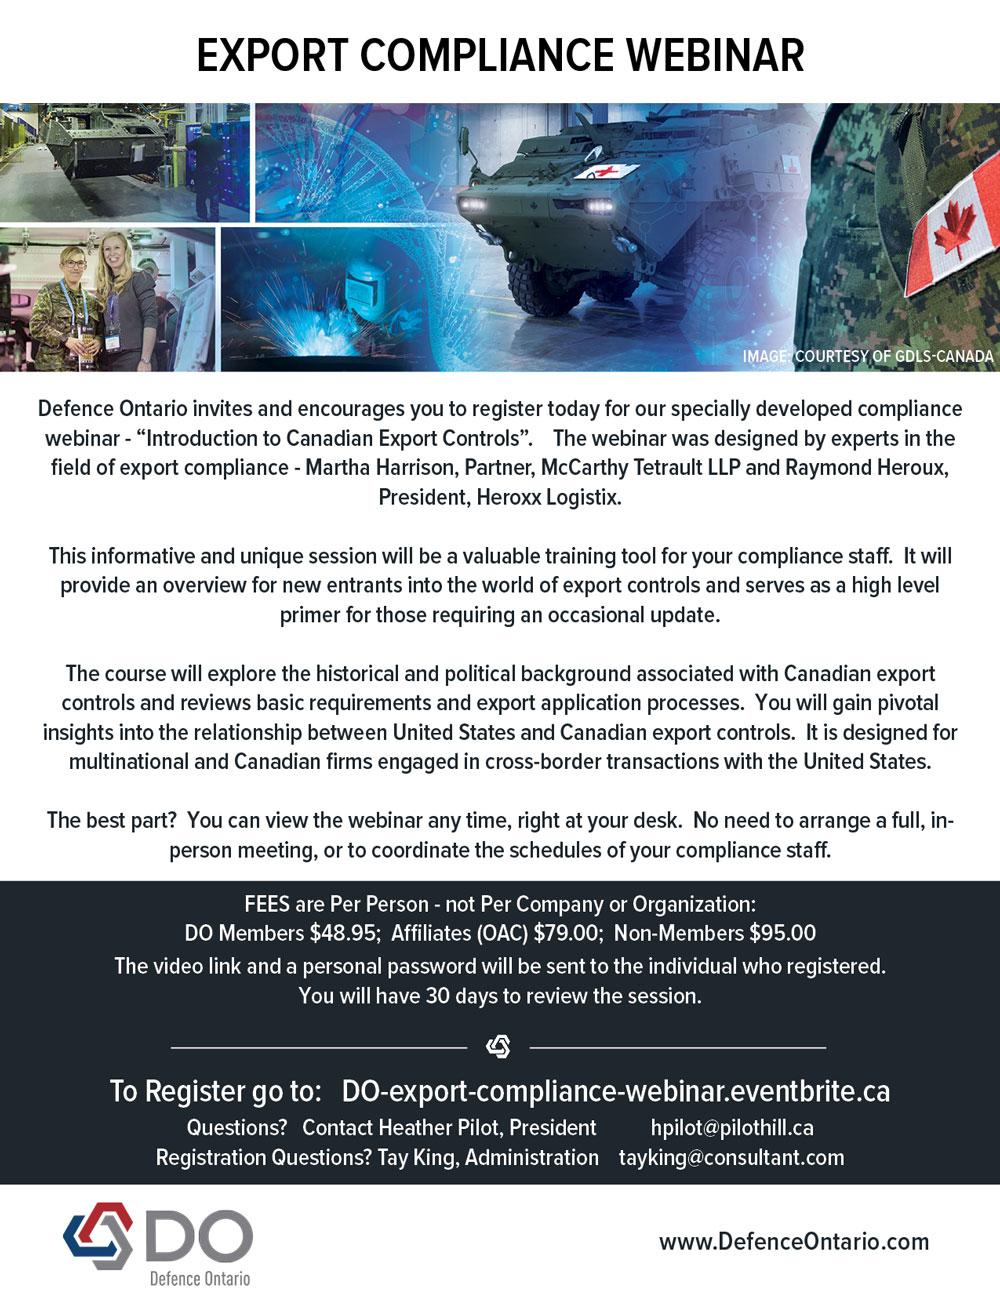 Defence Ontario Export Compliance Webinar